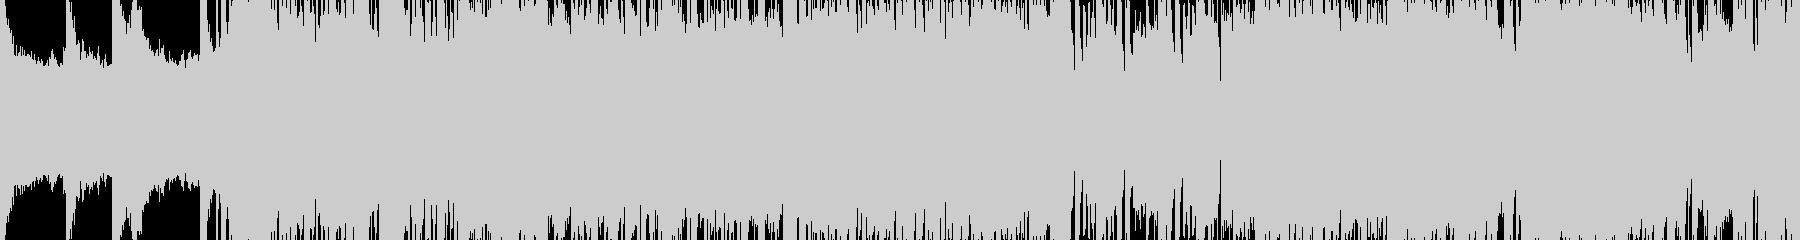 ループ版の未再生の波形